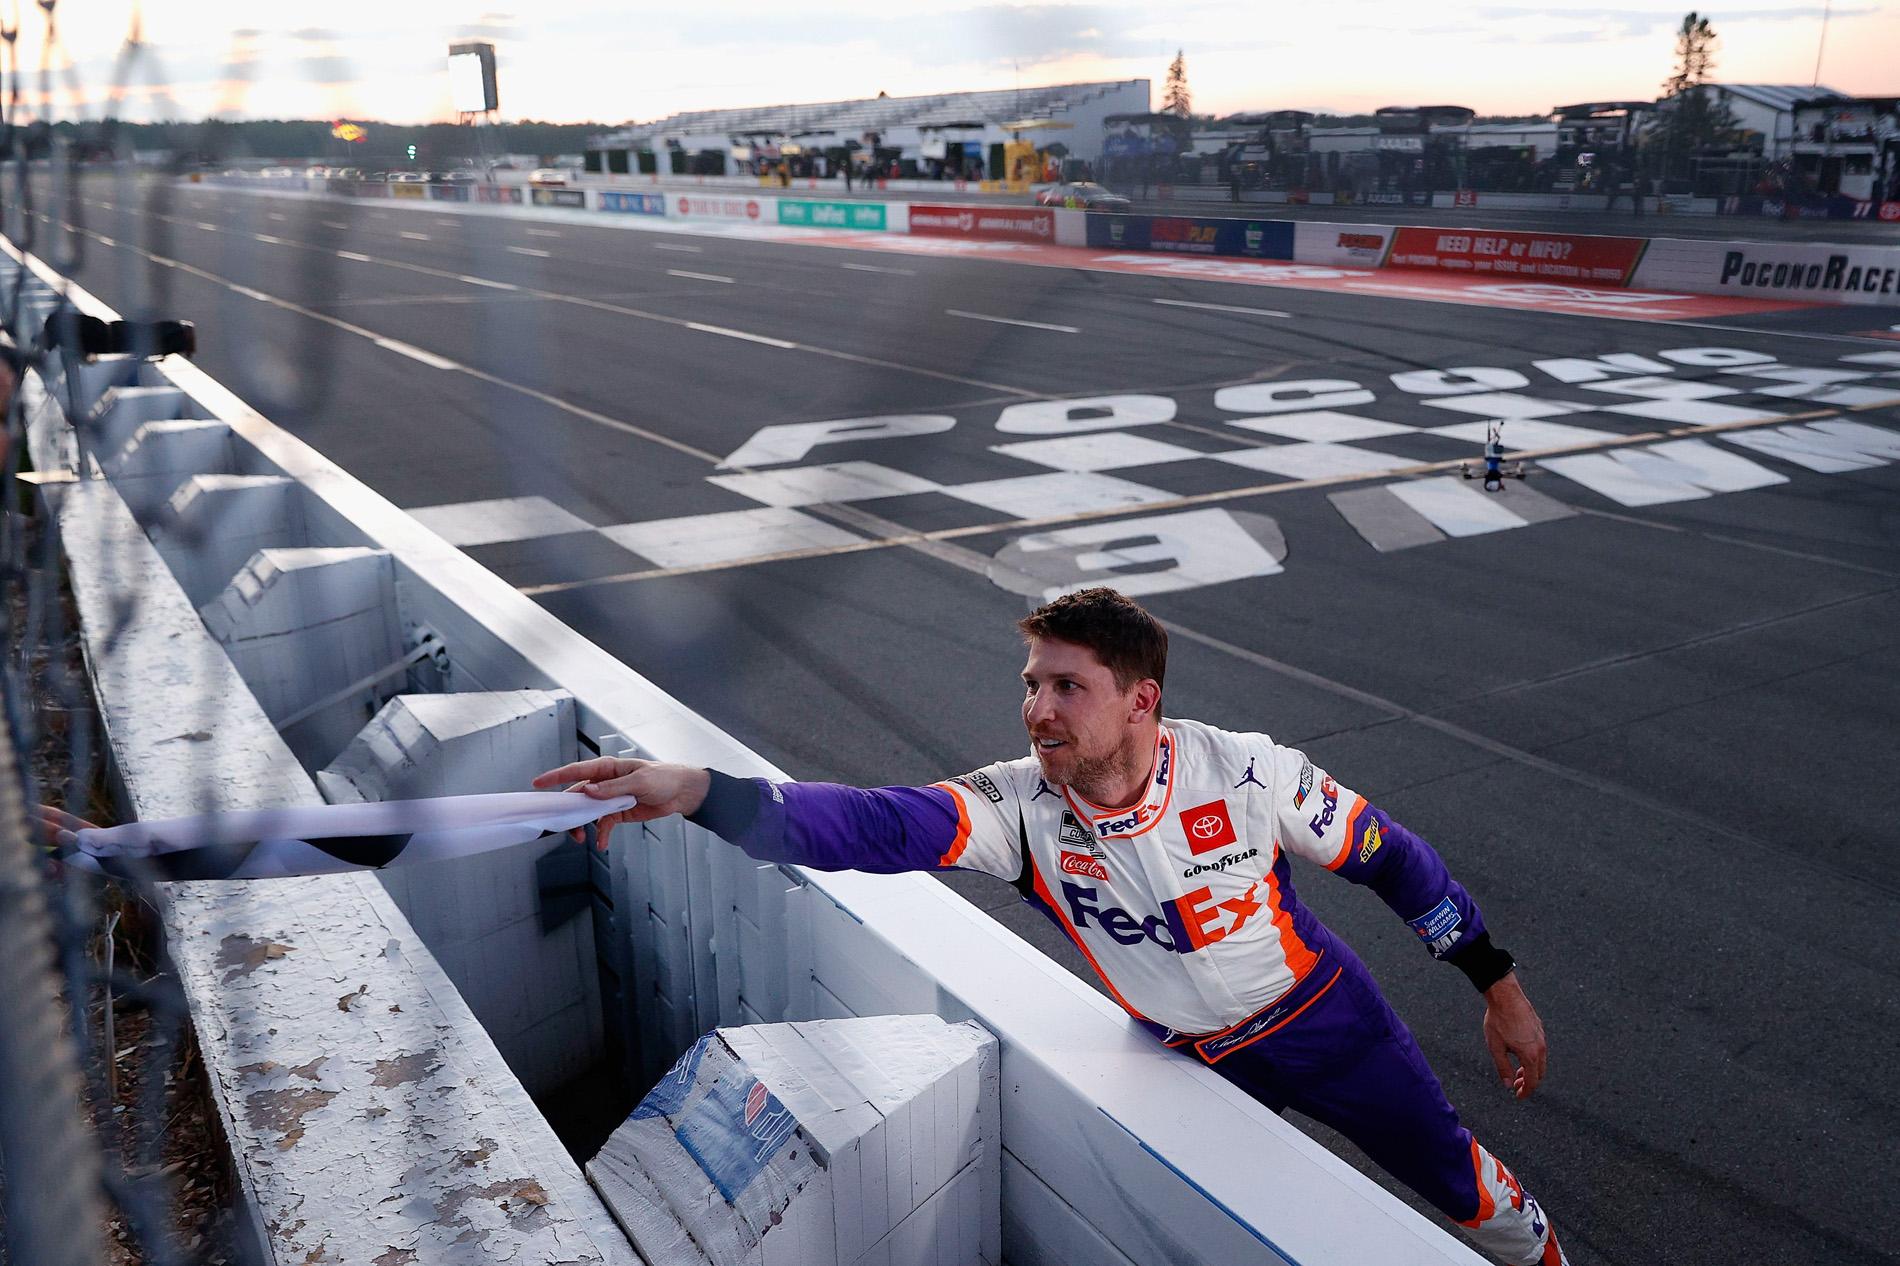 NASCAR Cup Series Pocono 350